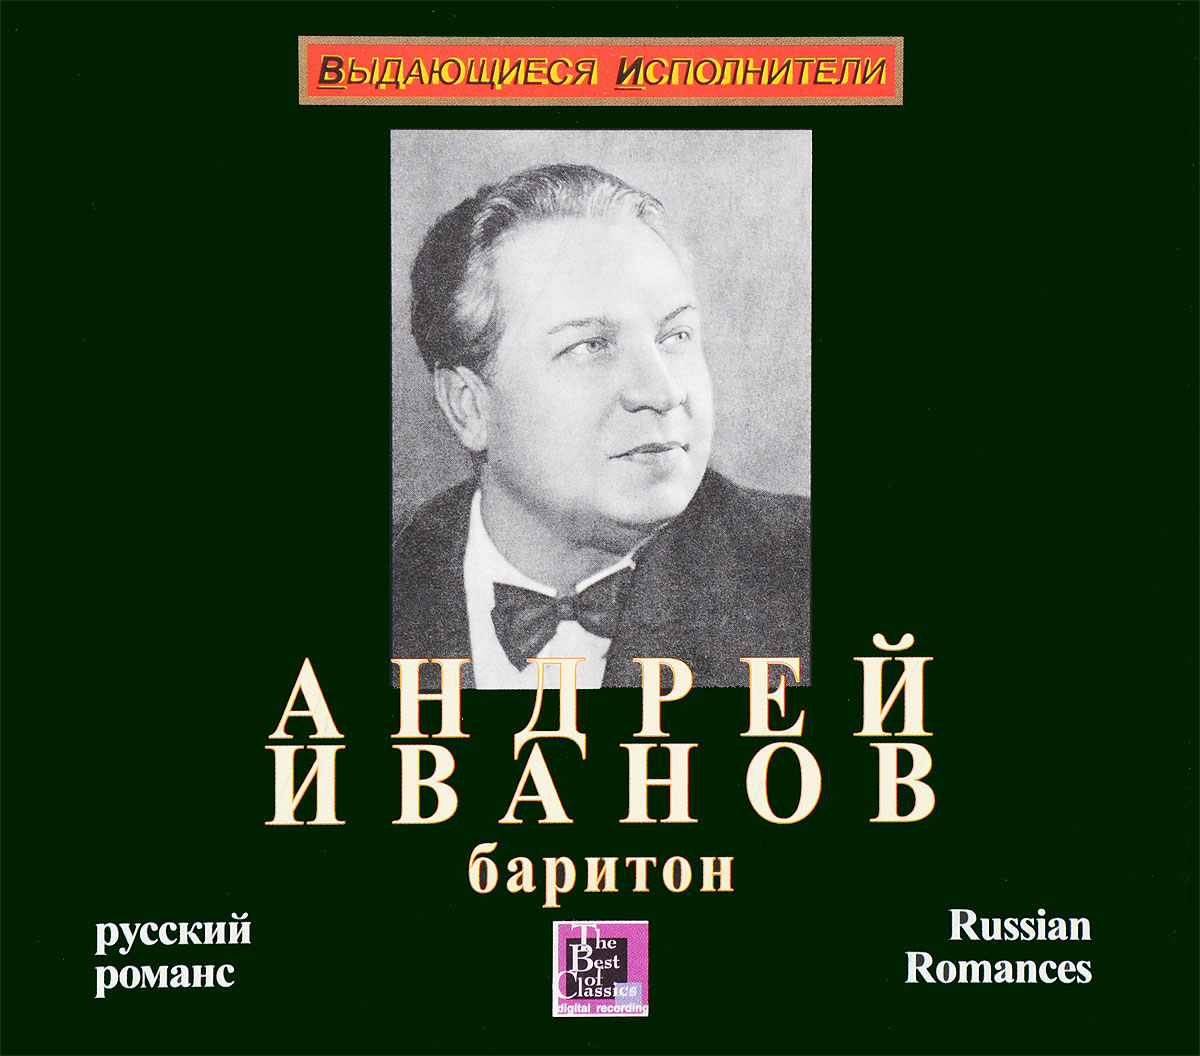 Андрей Иванов Андрей Иванов. Русский романс цена и фото